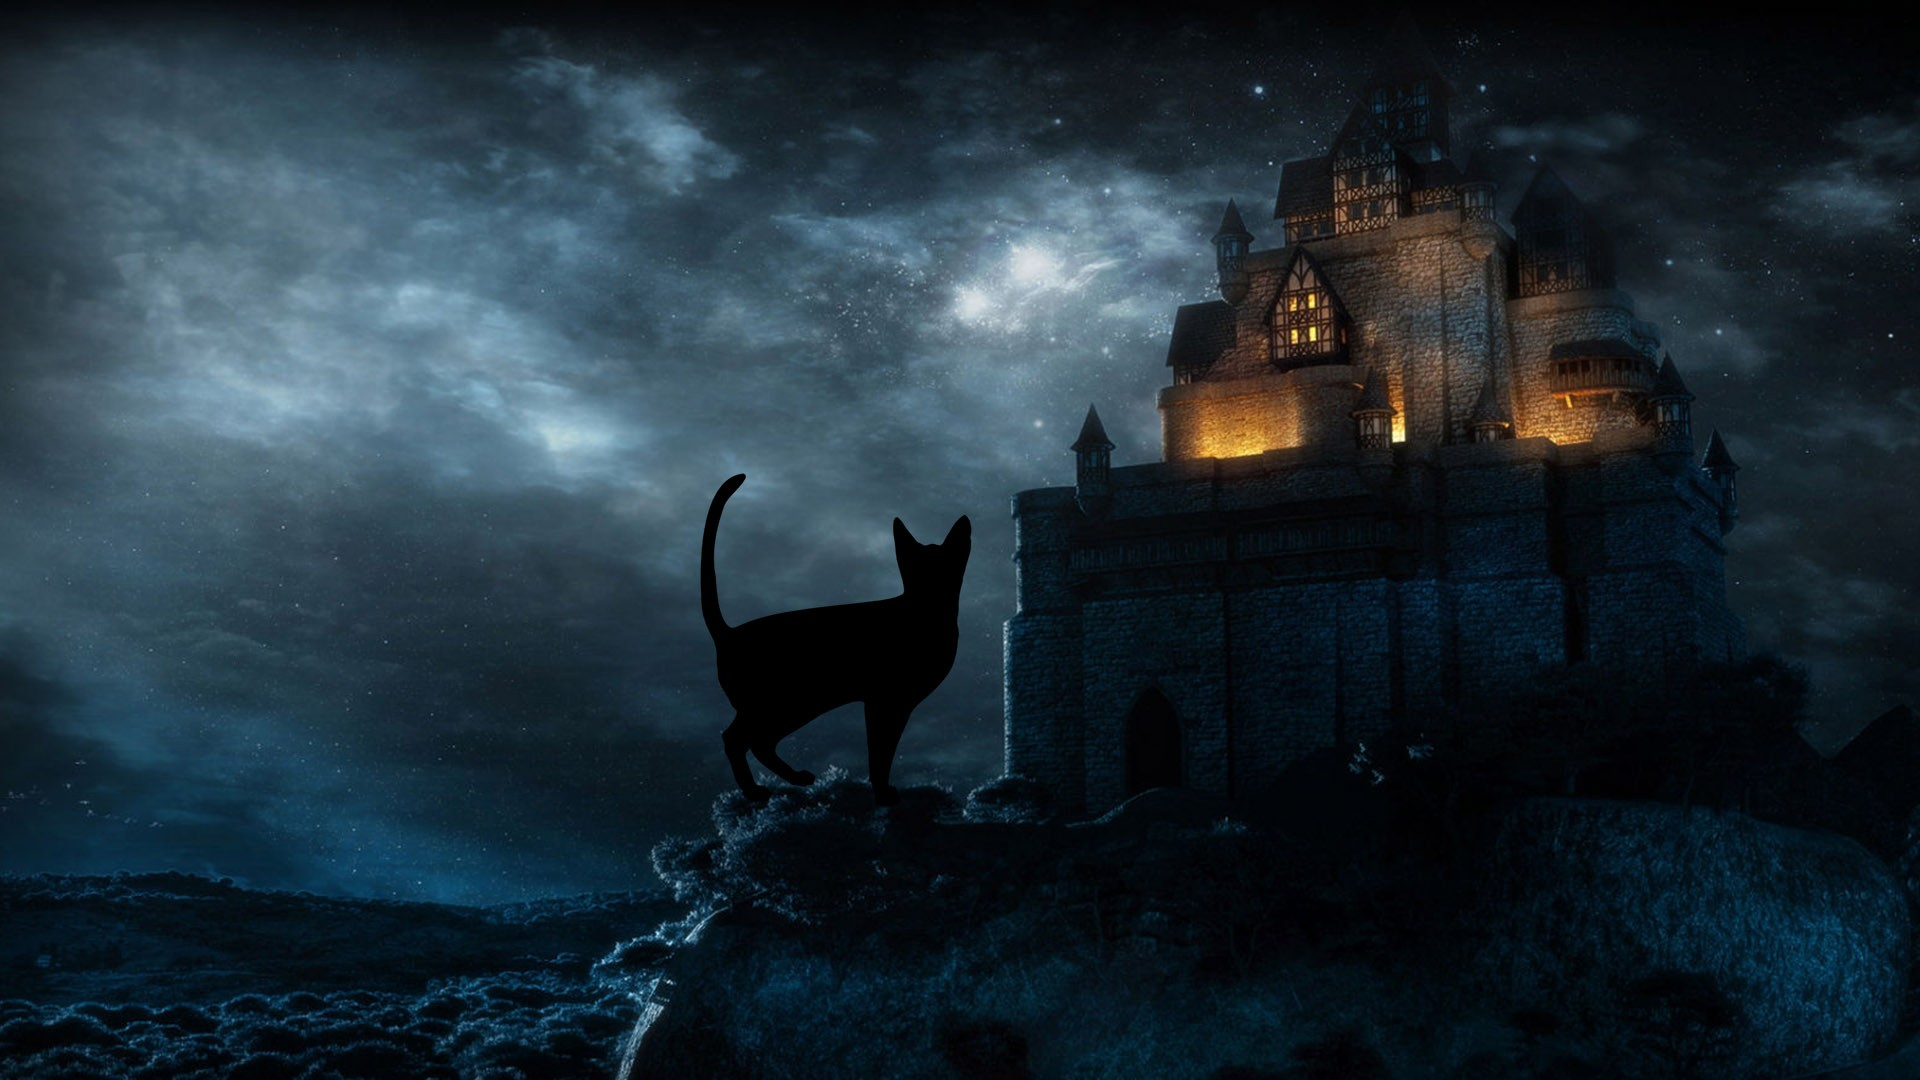 Halloween Black Cat Hd Desktop Wallpapers Halloween Desktop 1920x1080 Wallpaper Teahub Io